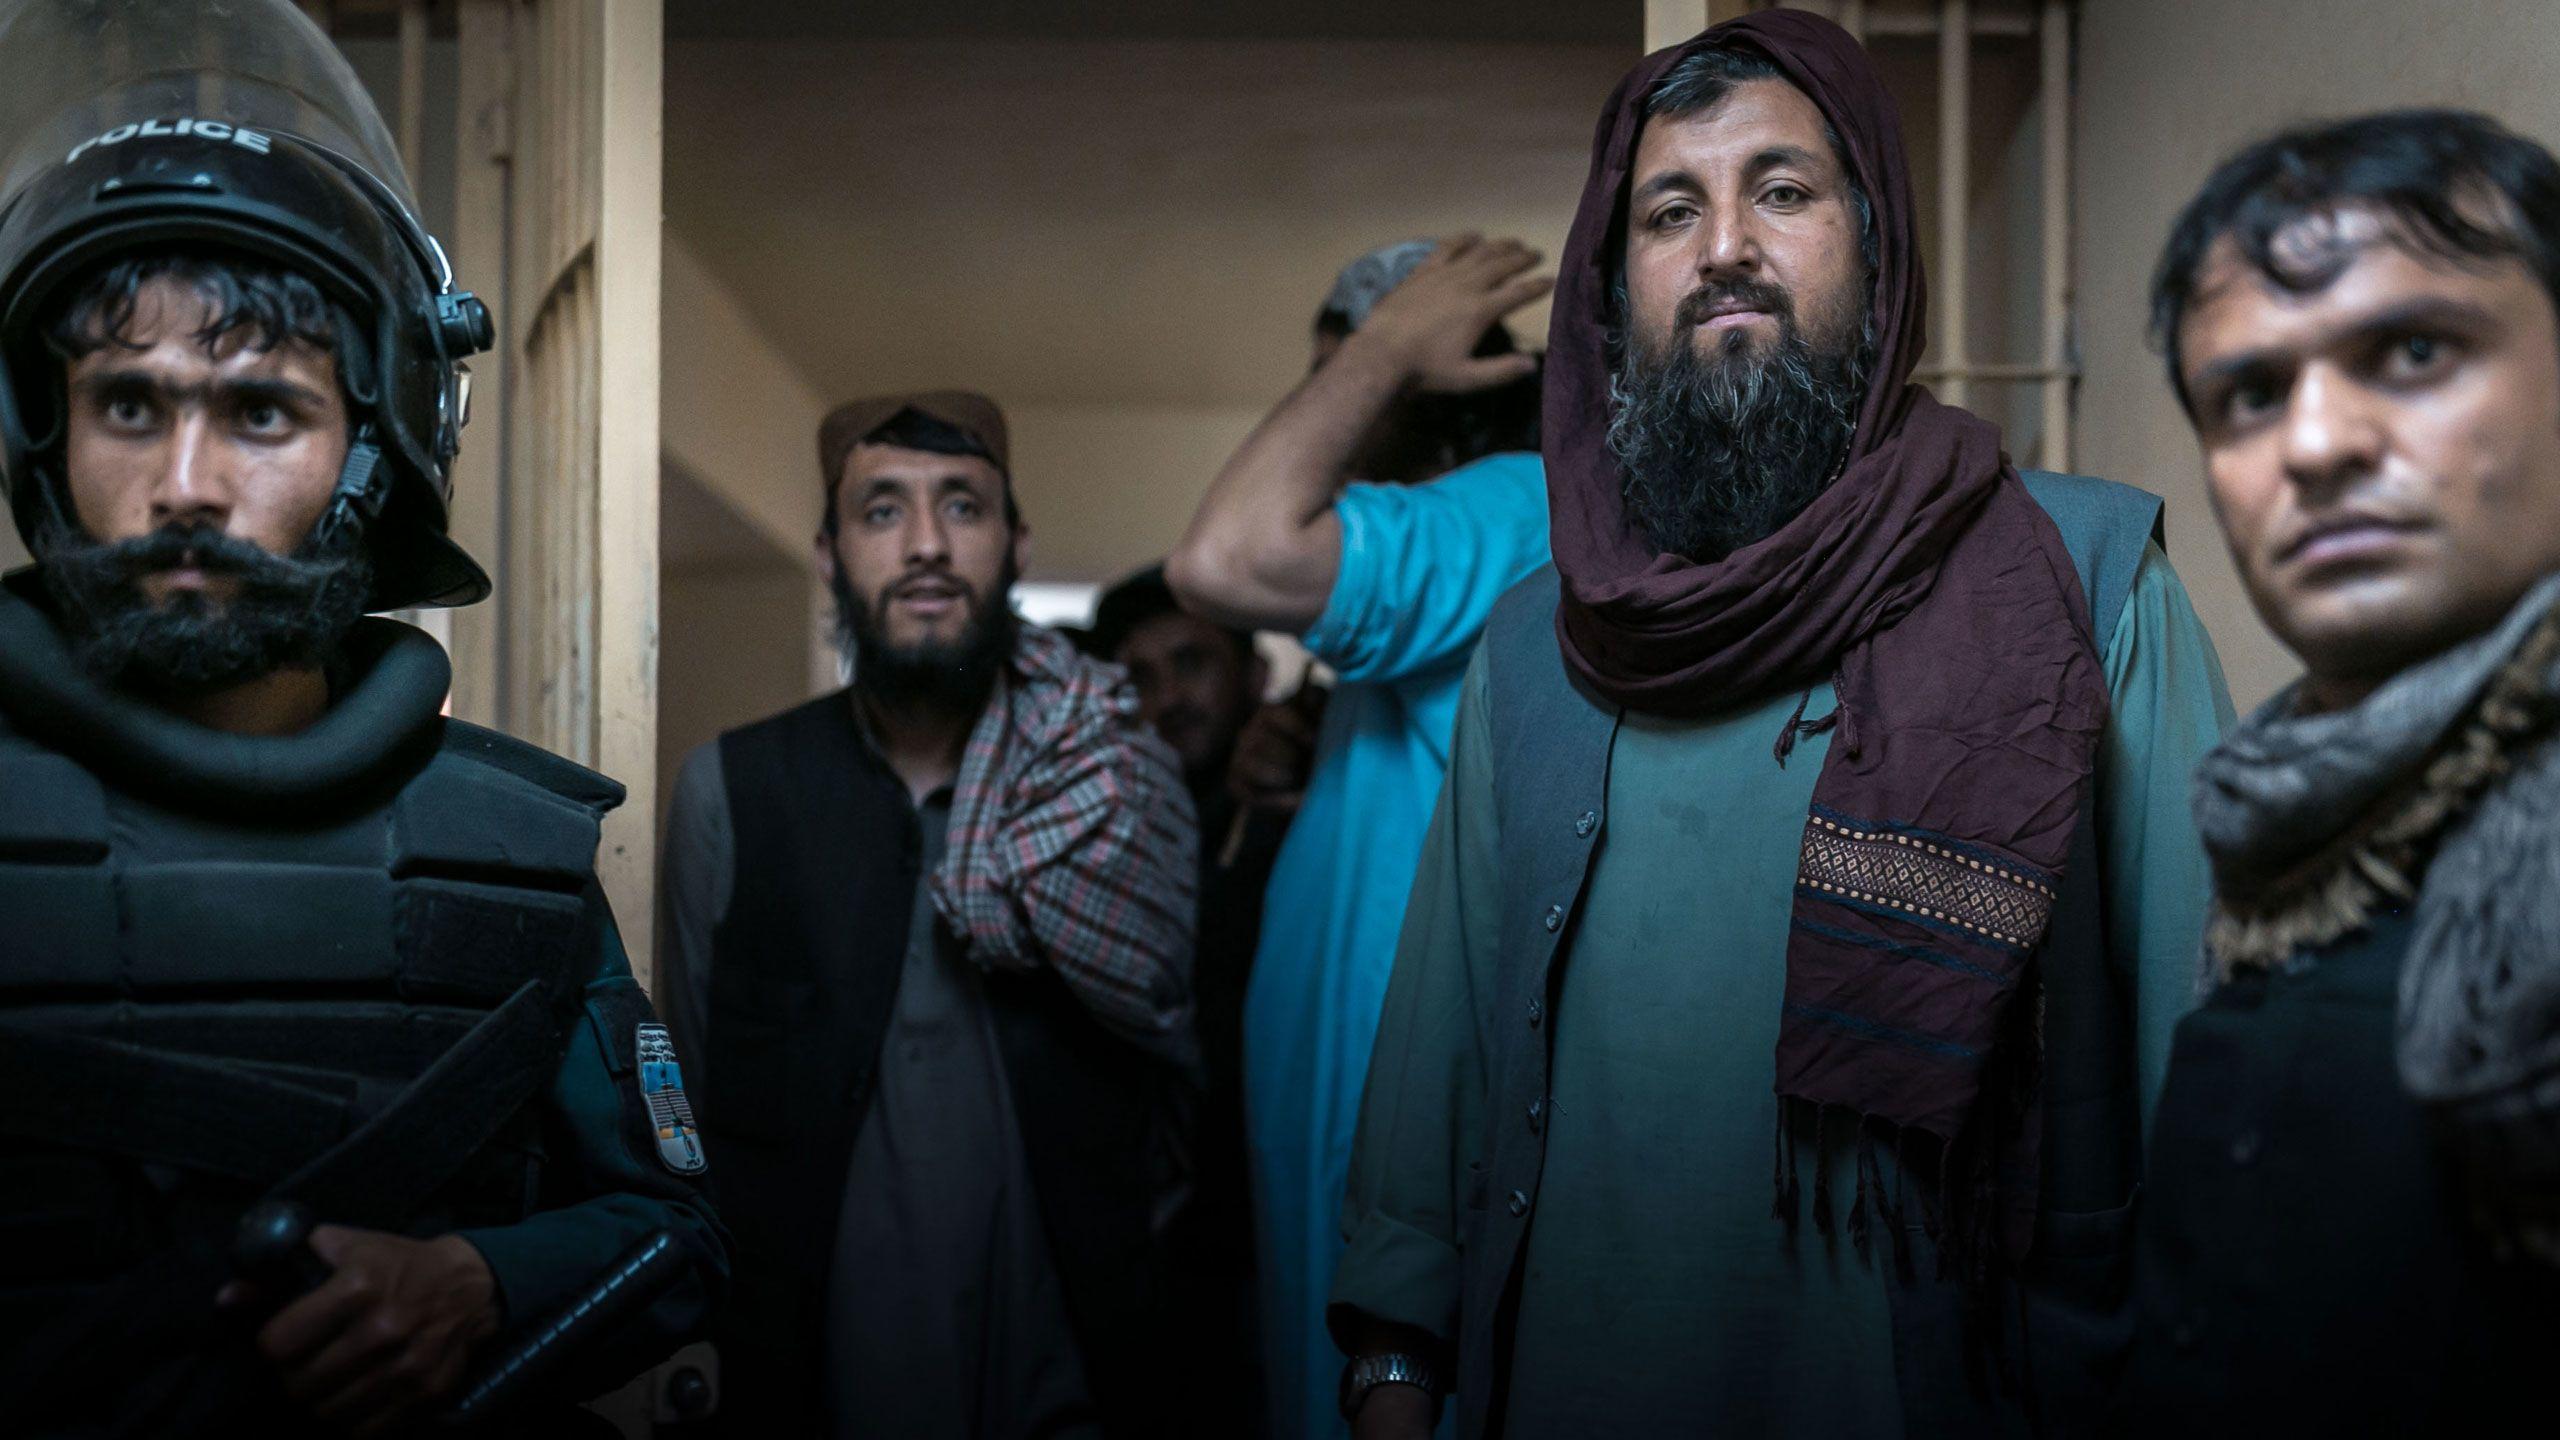 Prisoners in Pul-e-Charkhi prison